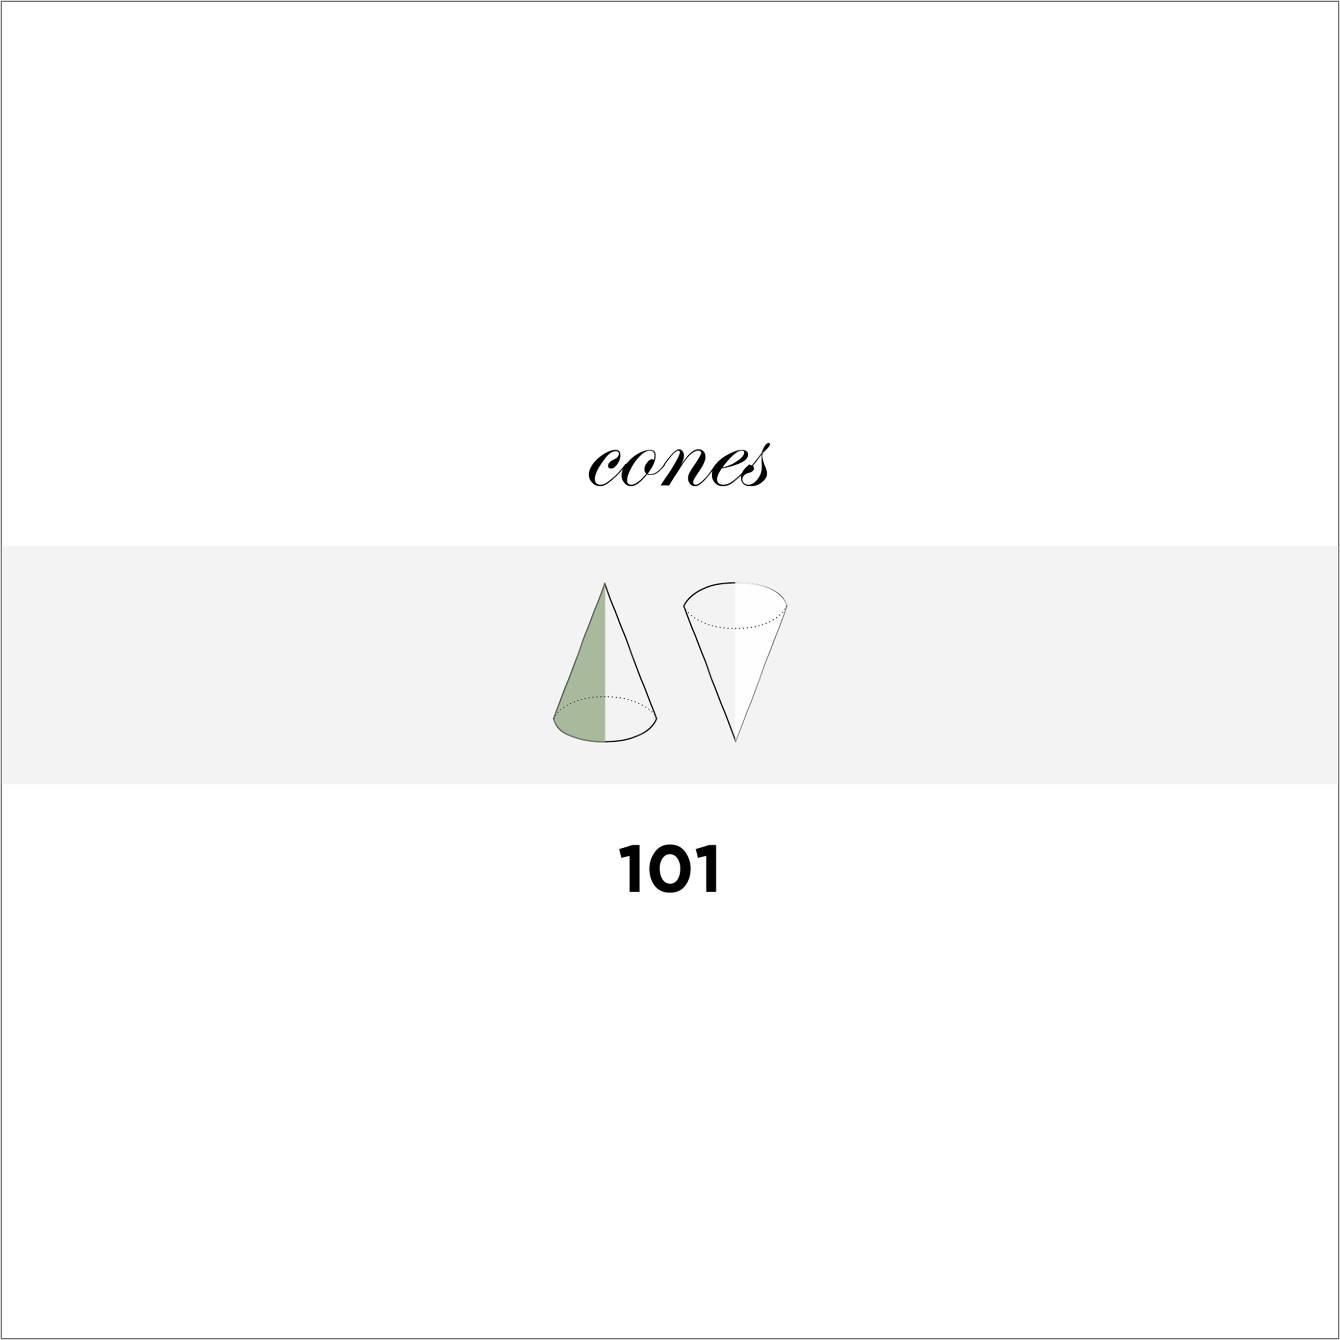 cones101_o_2x.jpg